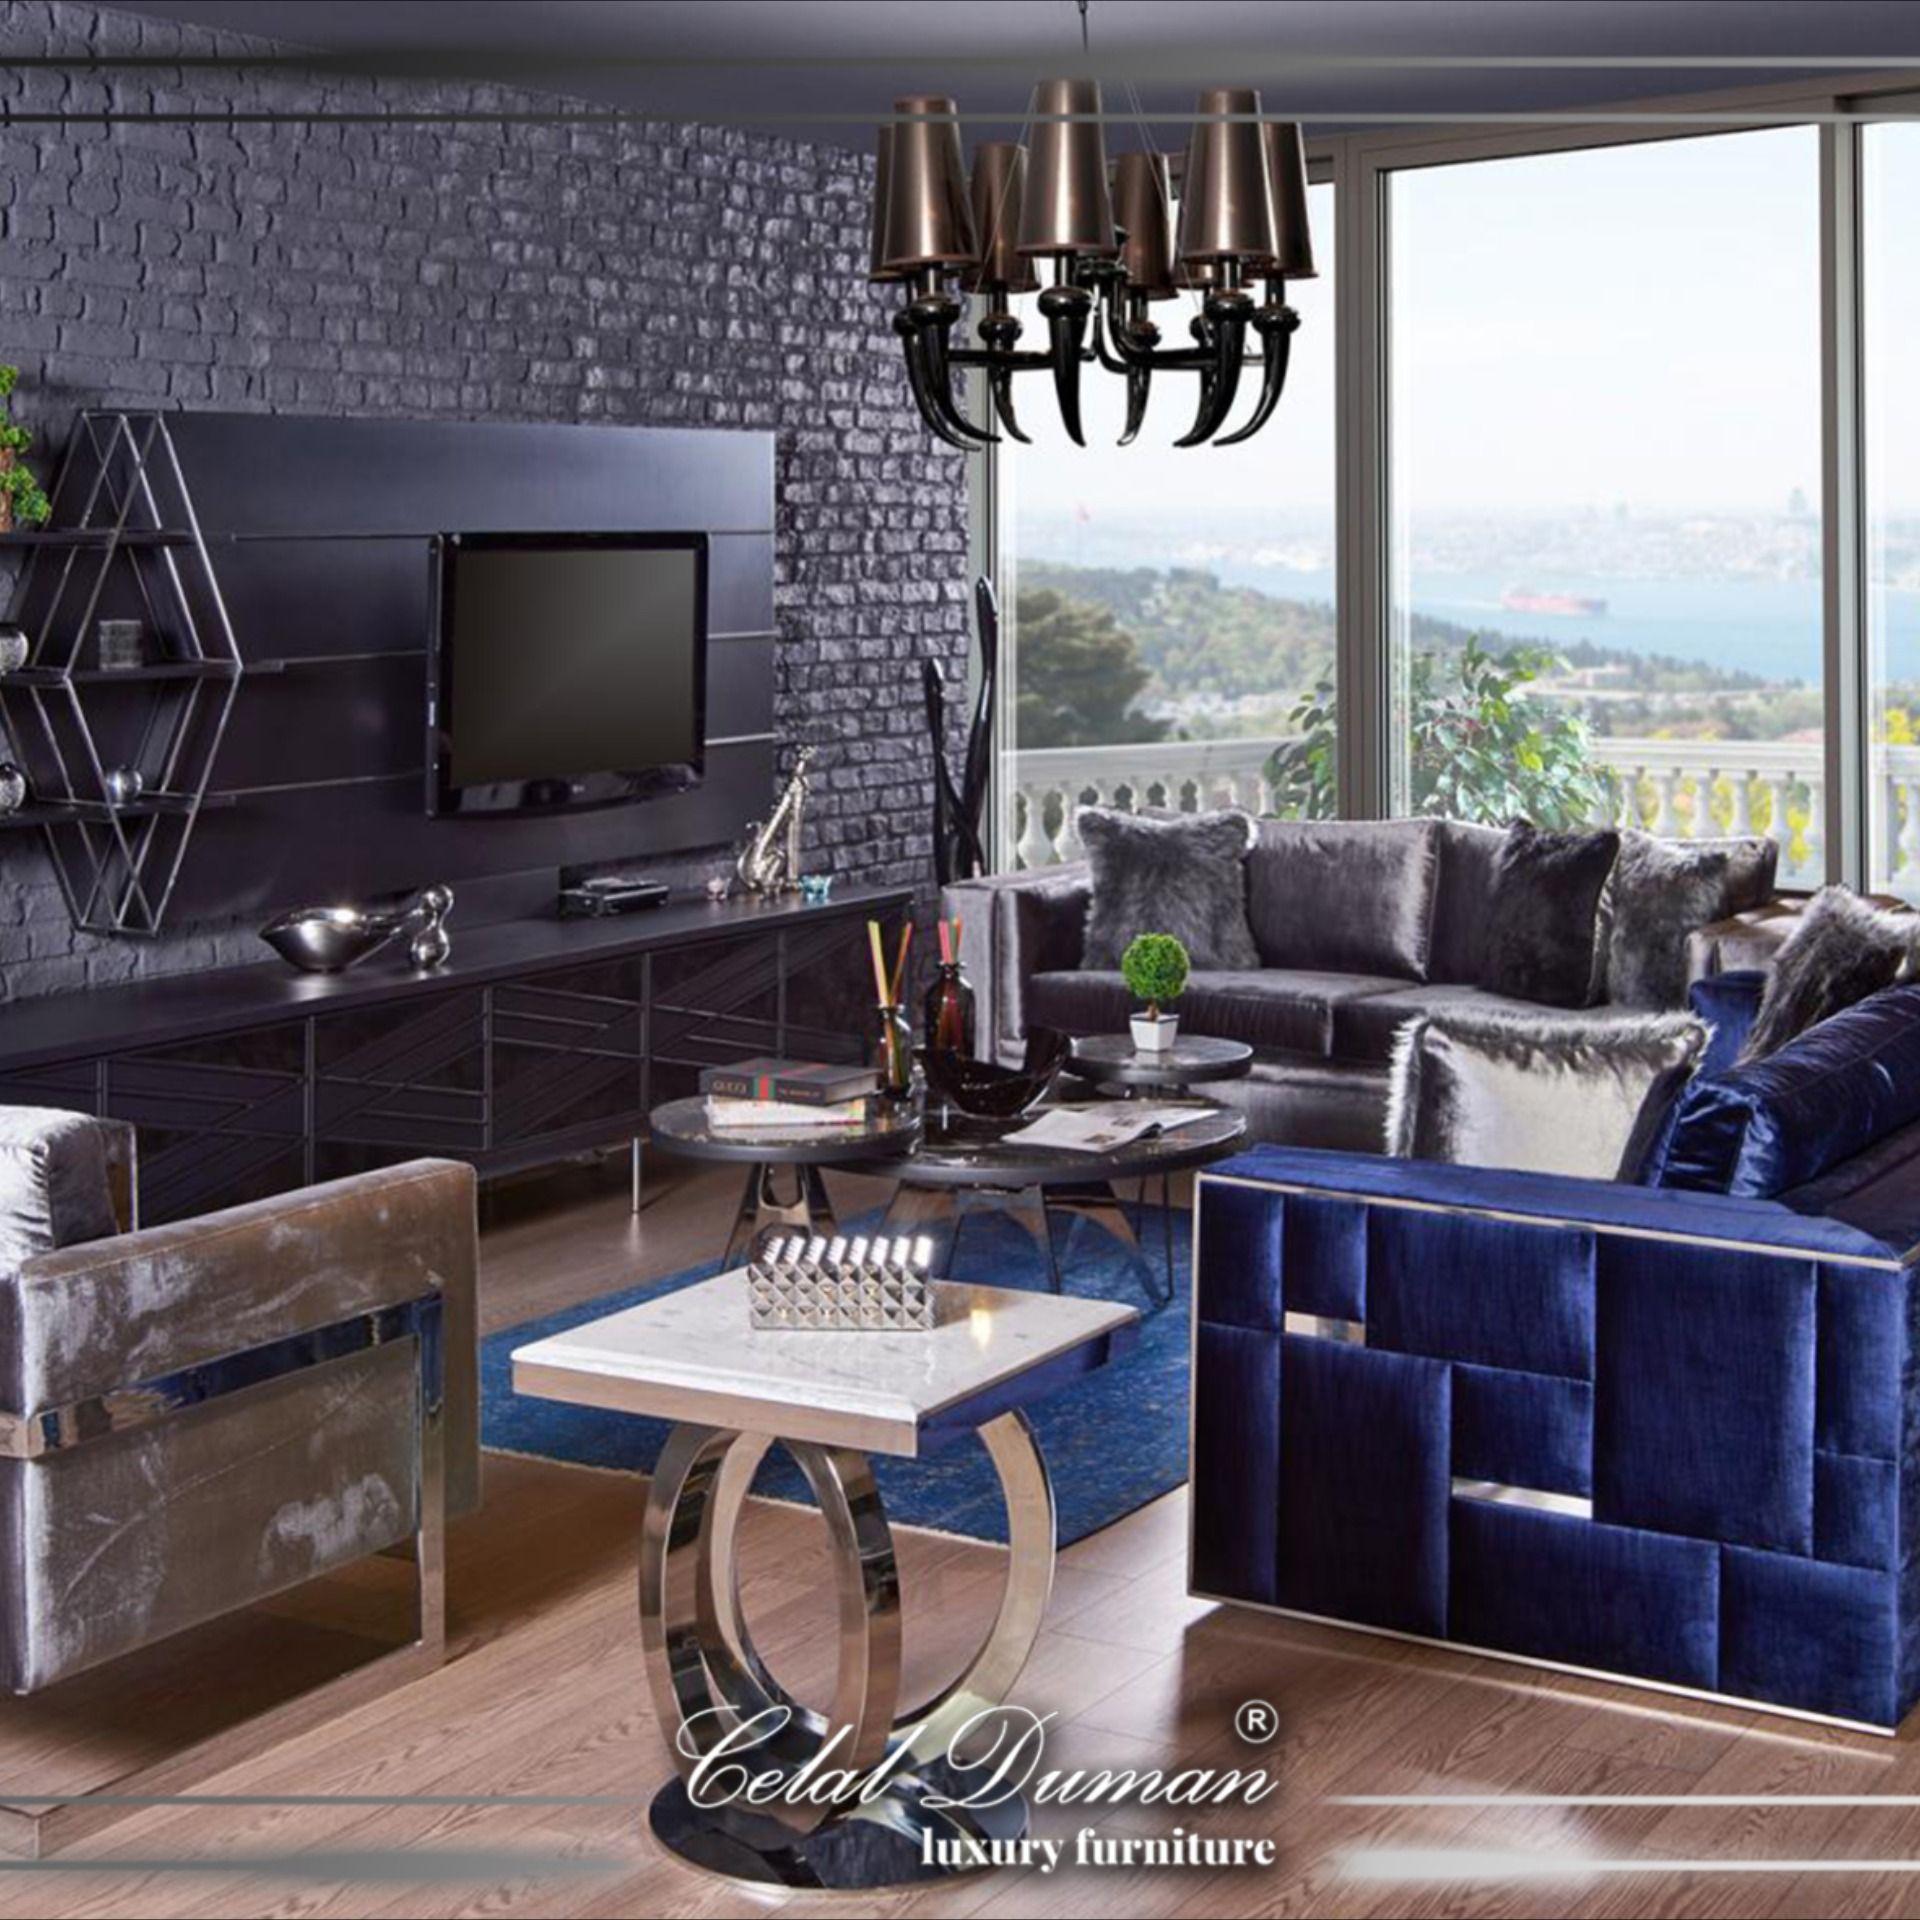 Mobilya da lüx tasarımların projelendirildi ender anlara şahit olmak isterseniz sizleri Masko mağazamıza davet ediyoruz. #celalduman #celaldumanmobilya #mobilya #masko #koltuktakımı #yemekodası #maskomobilyakenti #evdekorasyon #dekorasyonfikirleri #mobilyadekorasyon #luxuryfurniture #modernfurniture #furniture #decor #ofisdekorasyon #evdekor #projects #köşekoltuk #tvunited #design #yemekodası #yatakodası #interiordesign